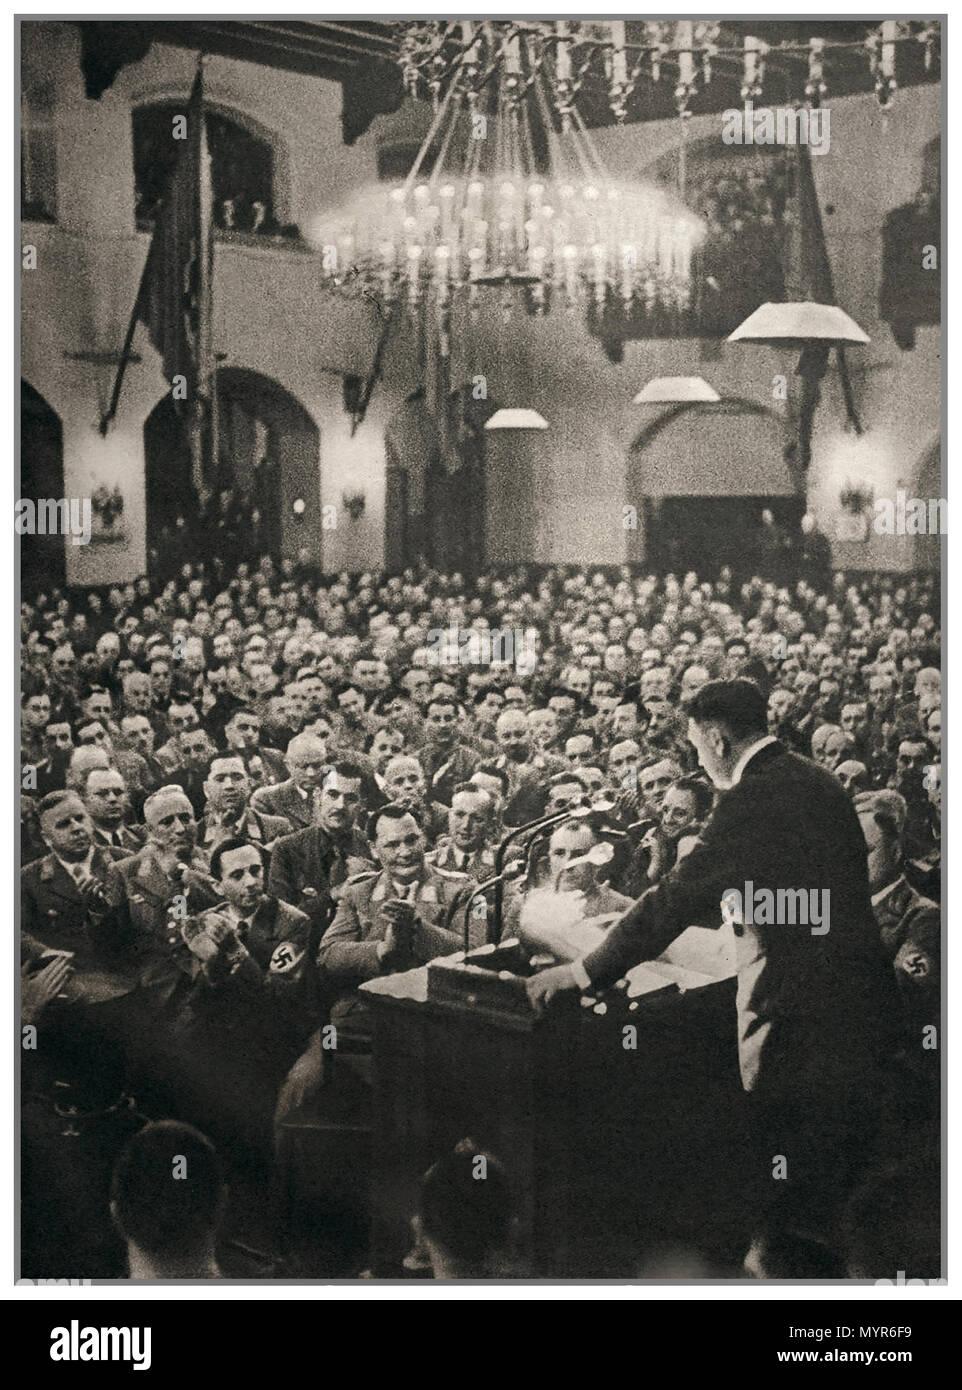 Vintage B&W Bild reportage Adolf Hitler eine Rede in München, mit Goebbels tragen ein Hakenkreuz Armbinde und Göring in der vorderen Reihe November 1930 Stockbild